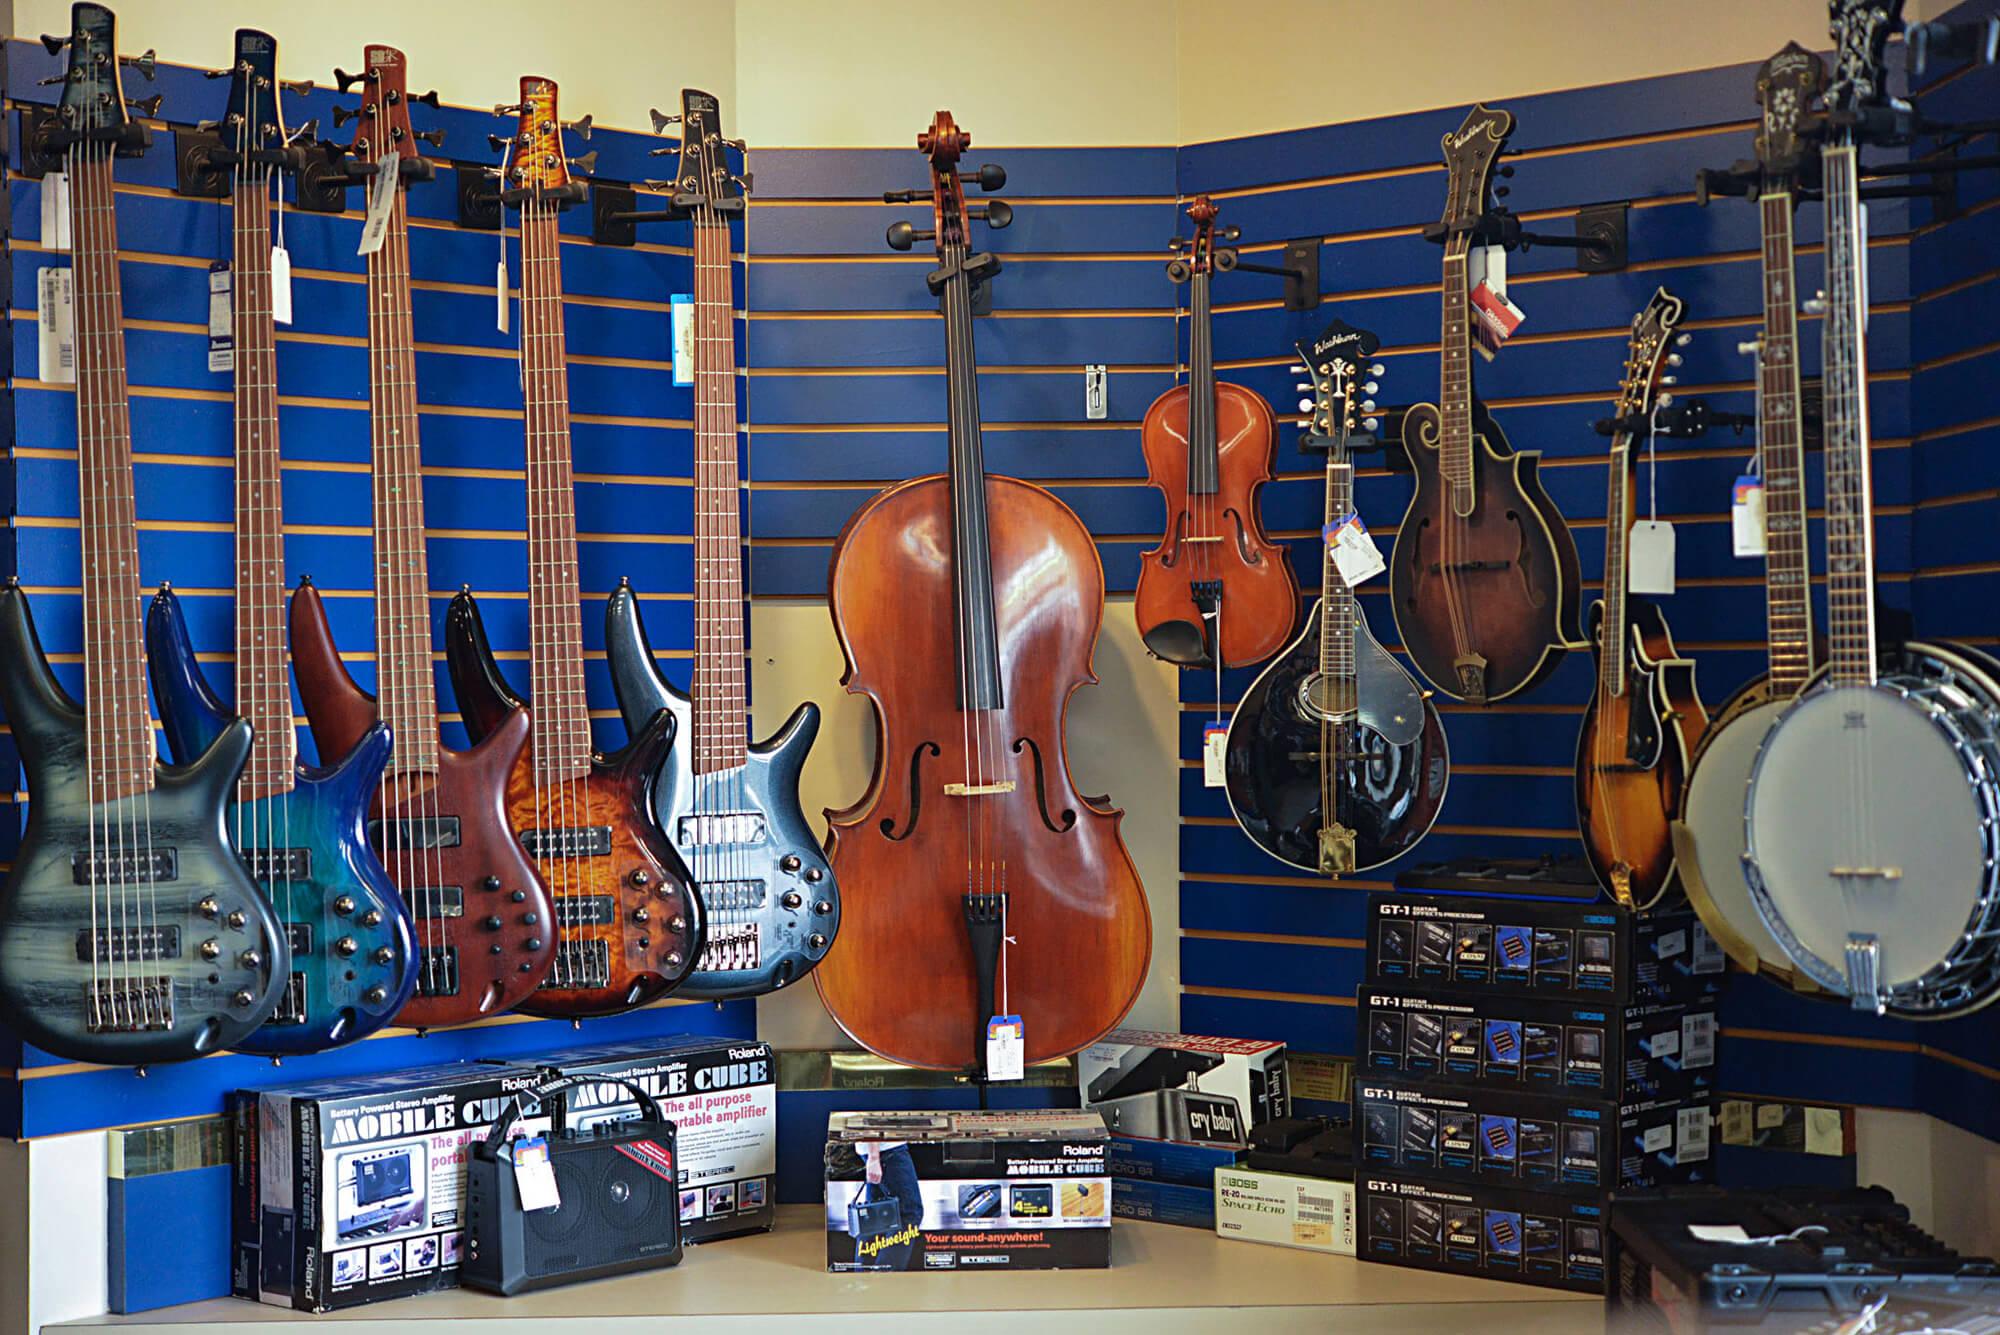 Banjos and Mandolins